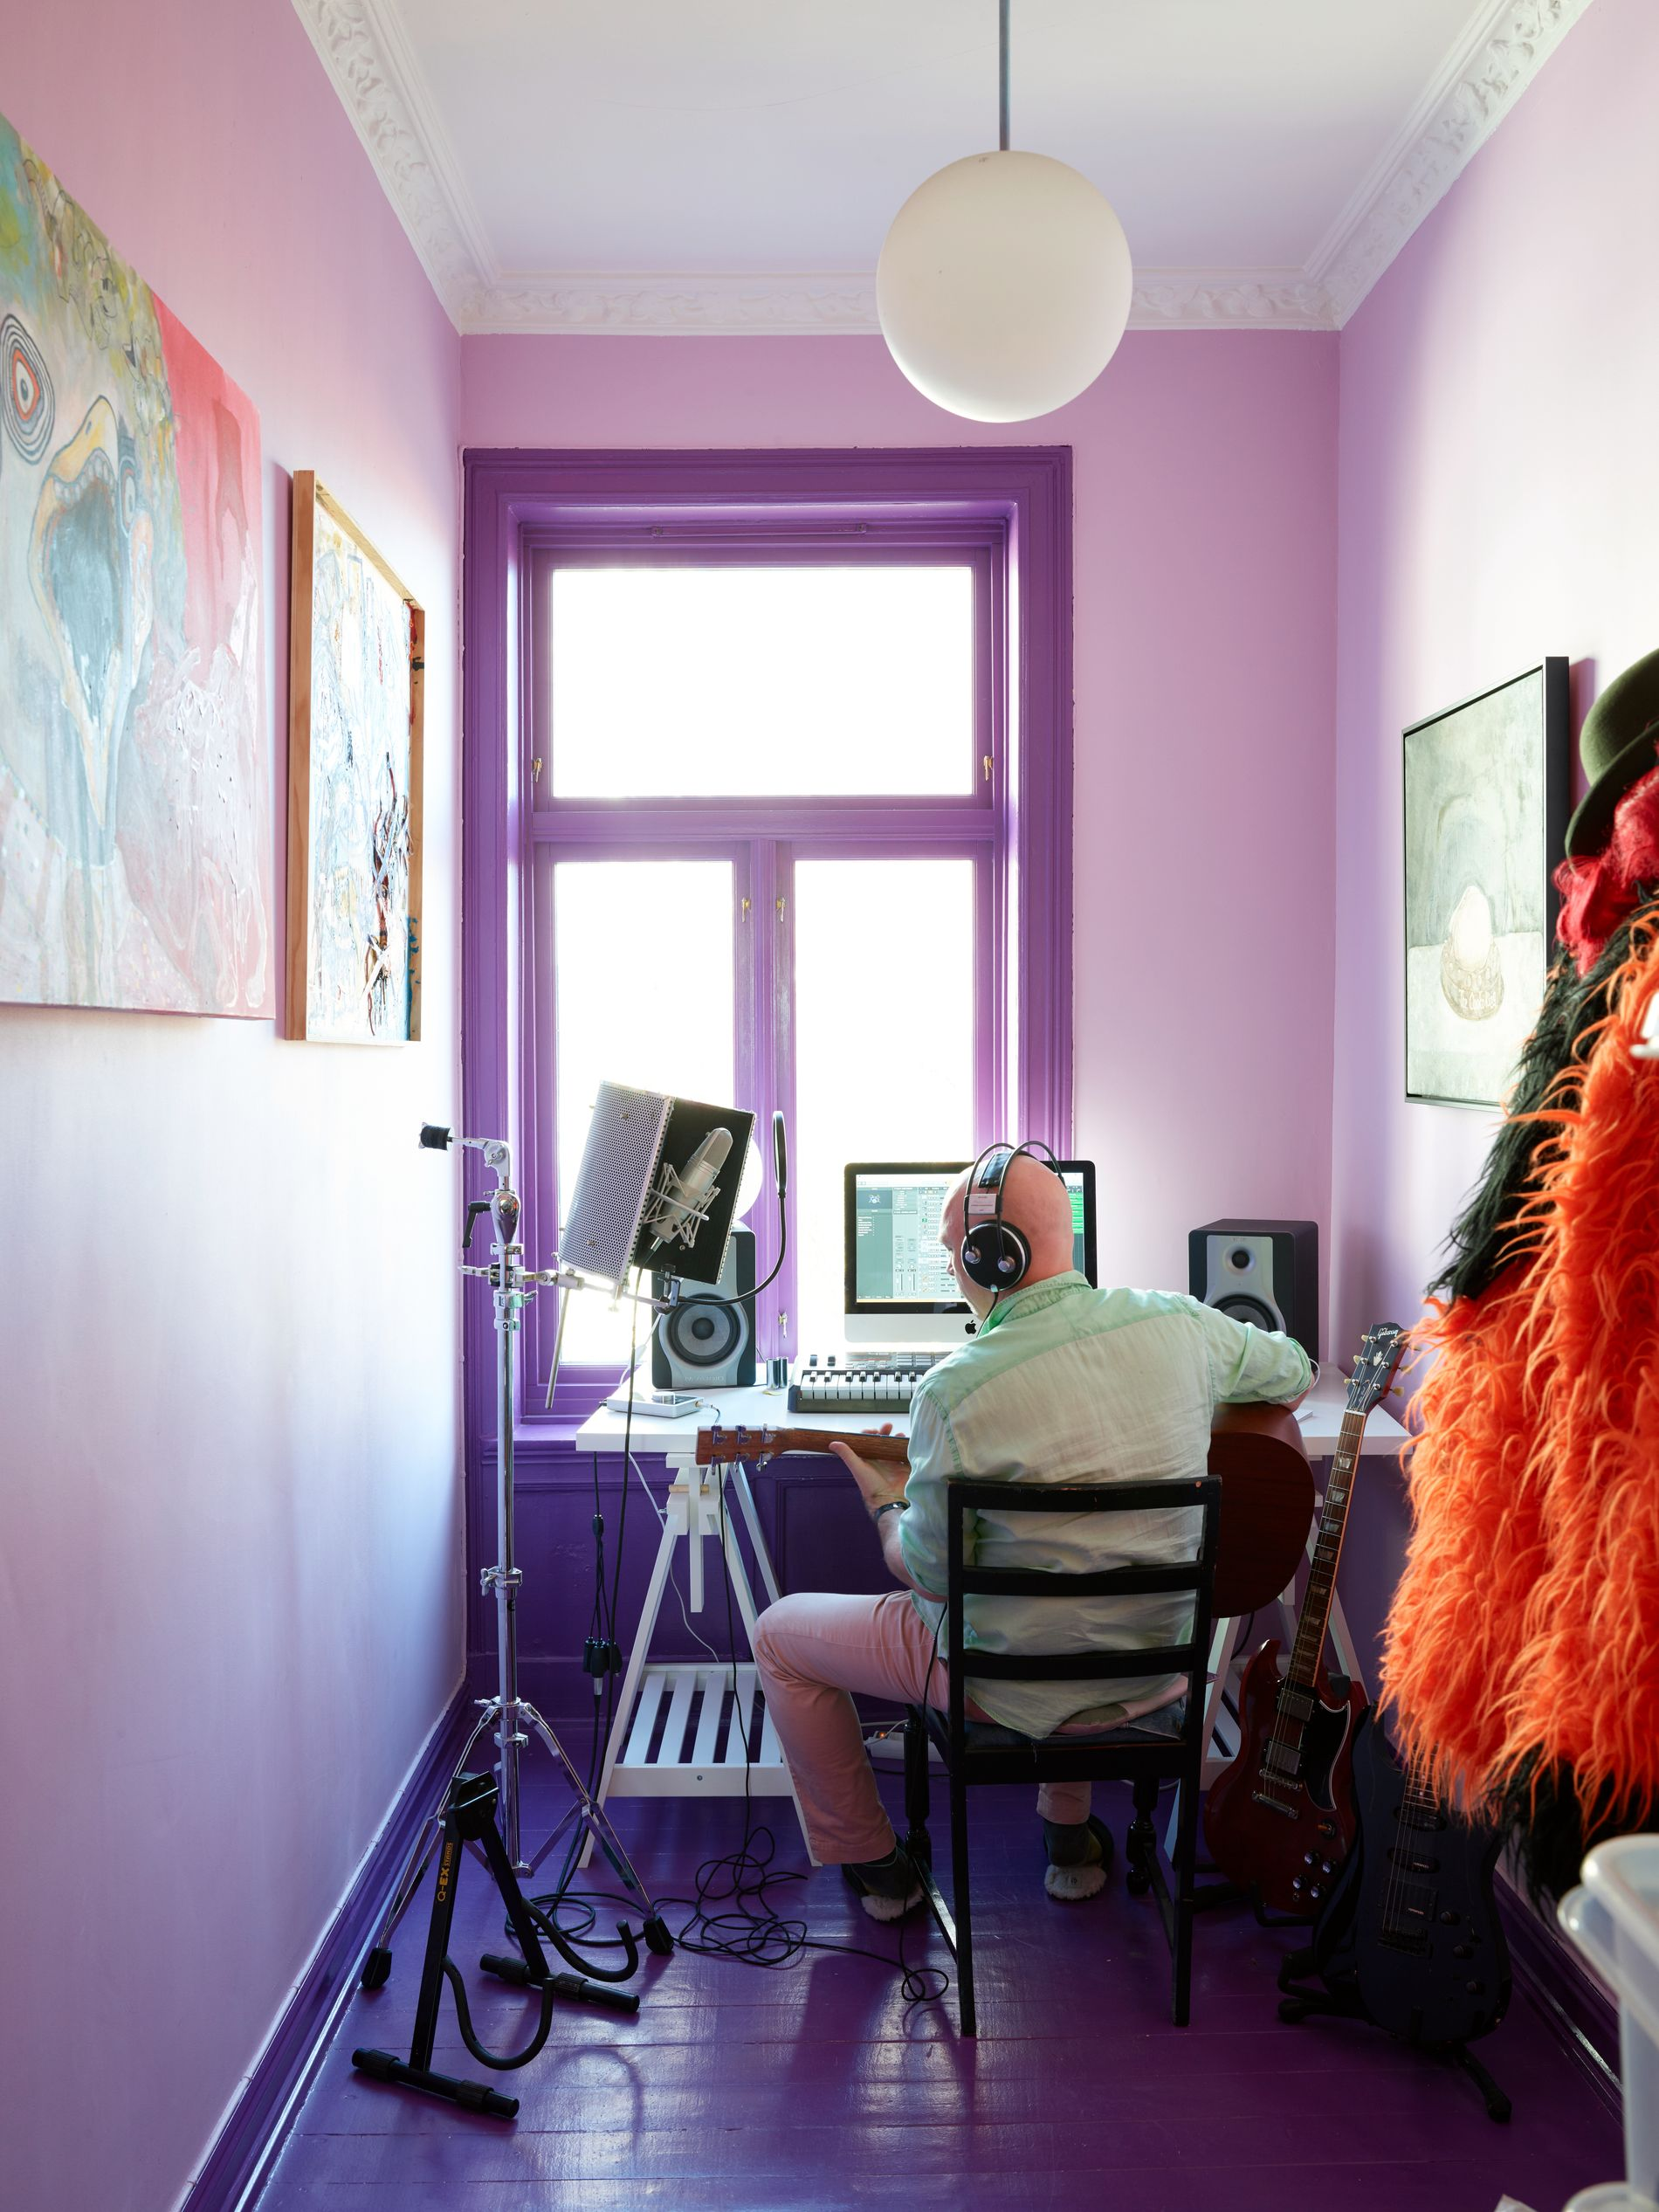 LILLA: Bak en rød dør finner vi Håtuns musikkstudio. Han har valgt å omgi seg med nyanser av lilla.